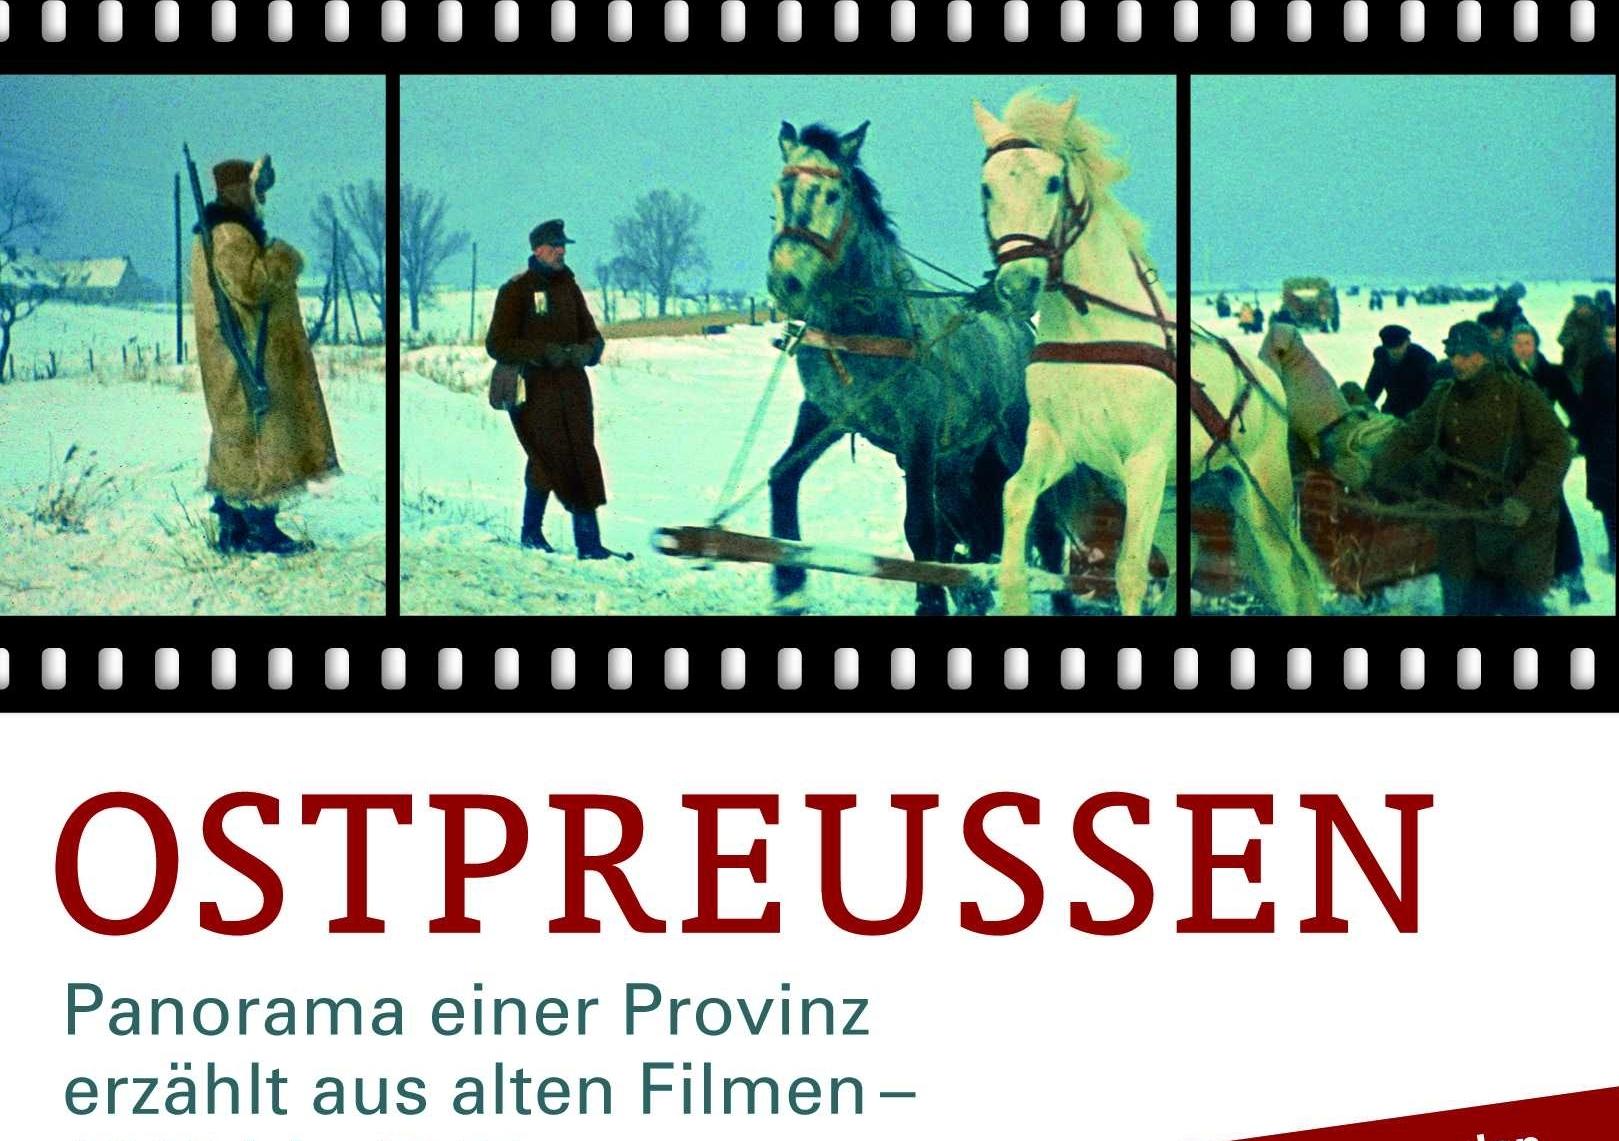 Ostpreussen Panorama einer Provinz